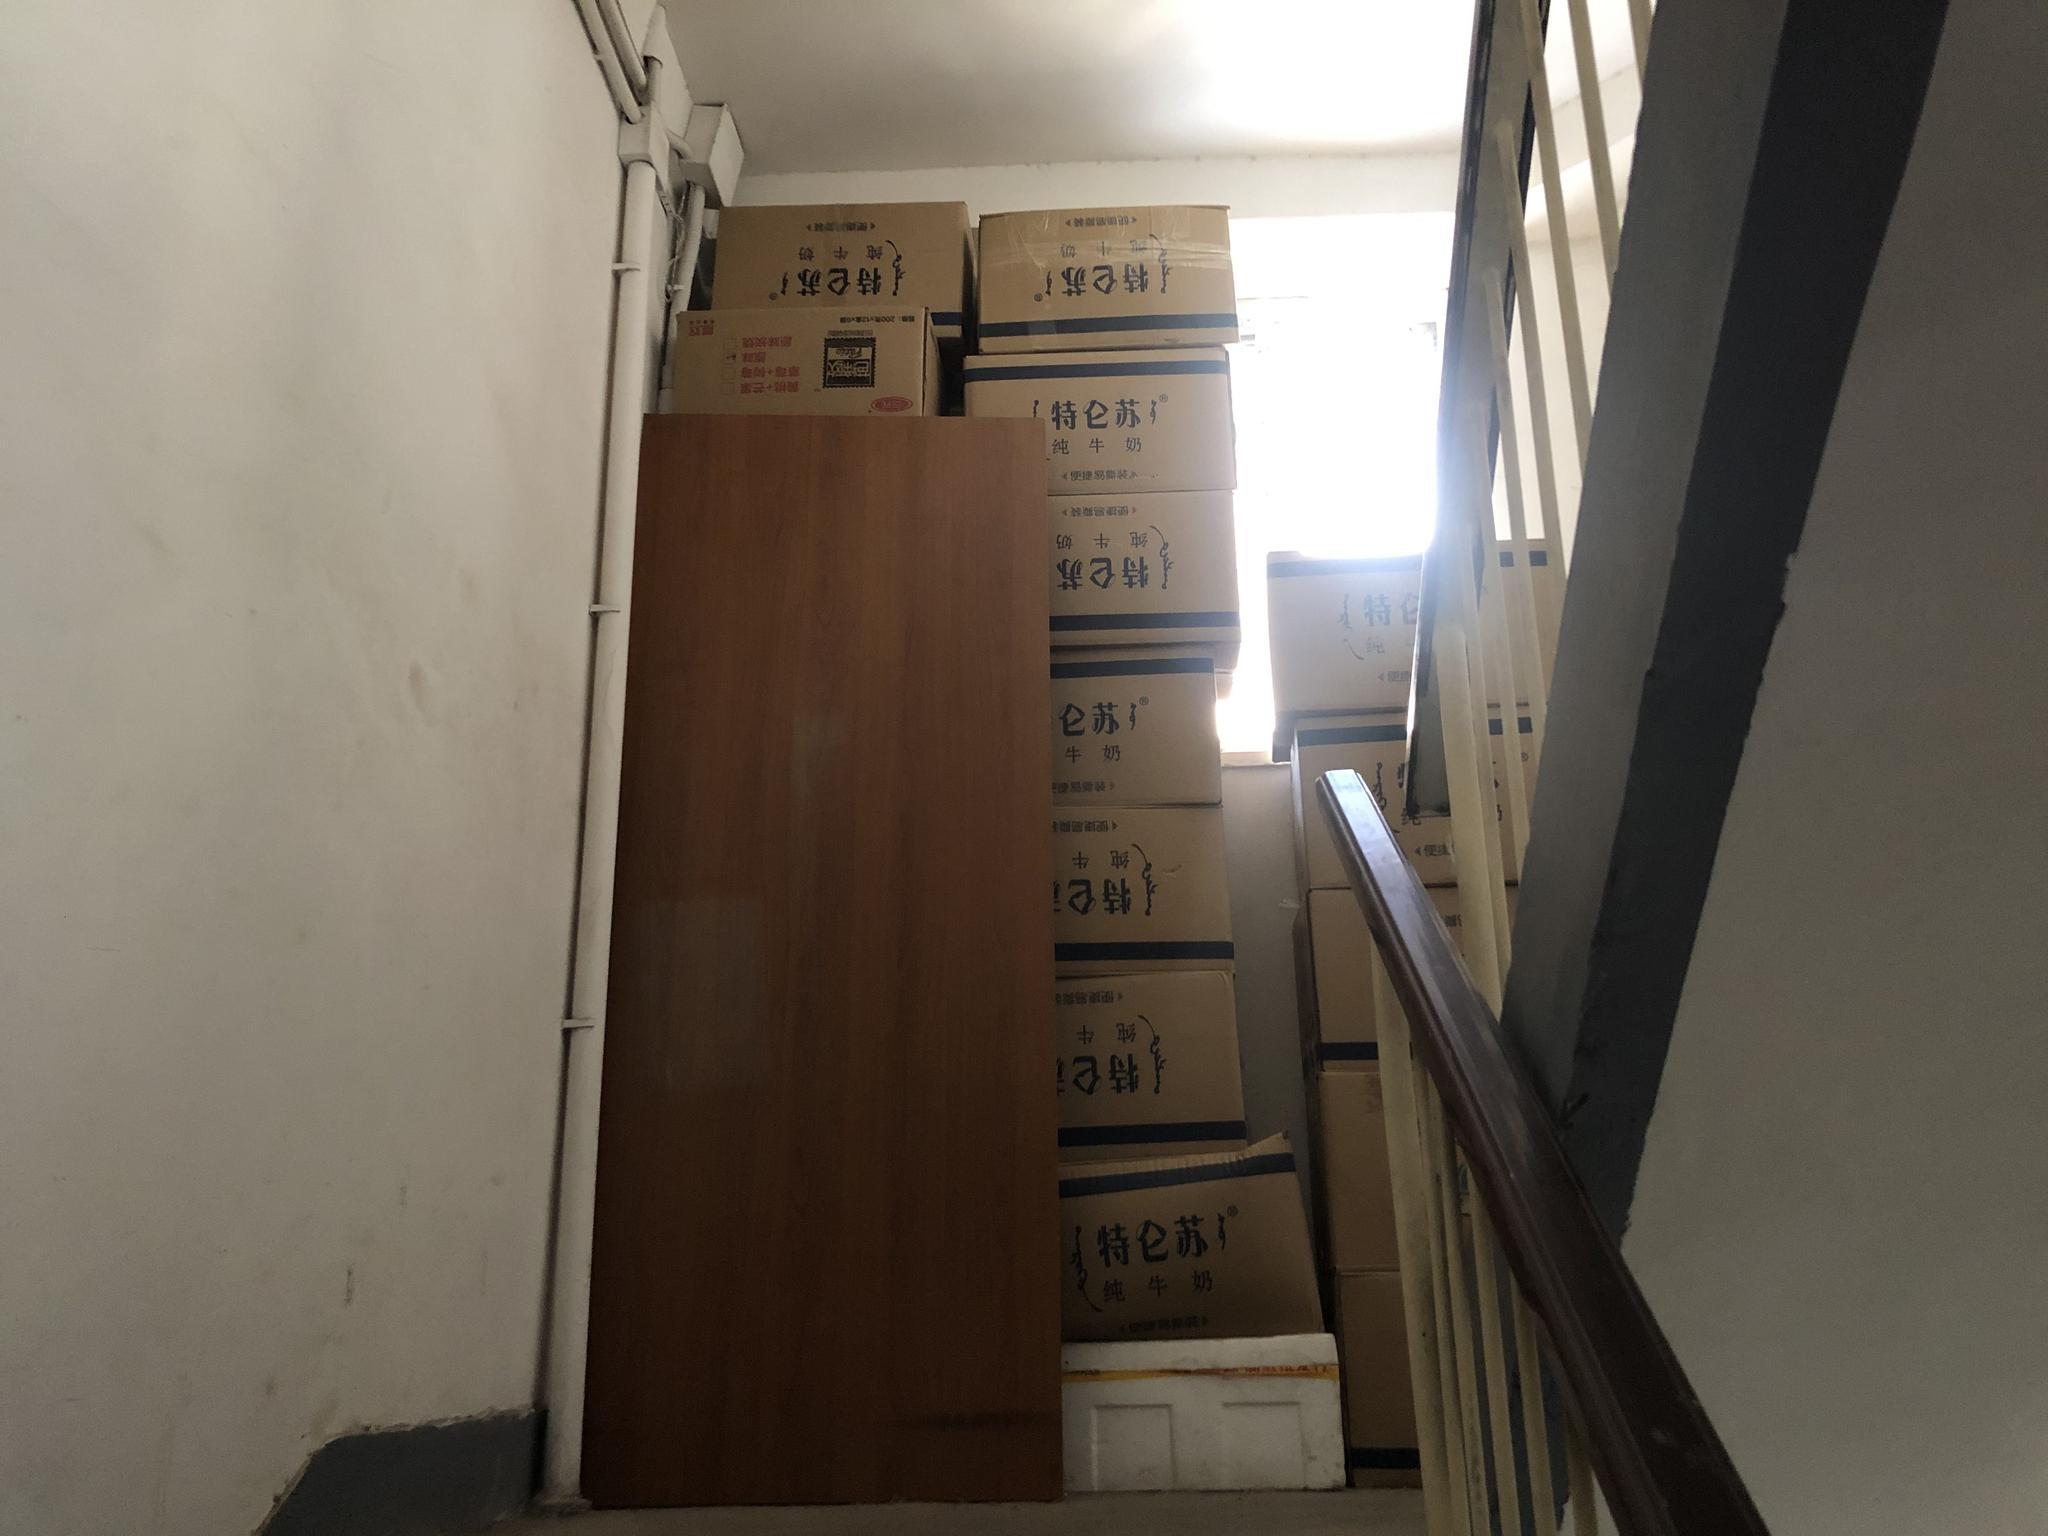 把楼道当库房?一小区楼内乱堆杂物高达十几米图片